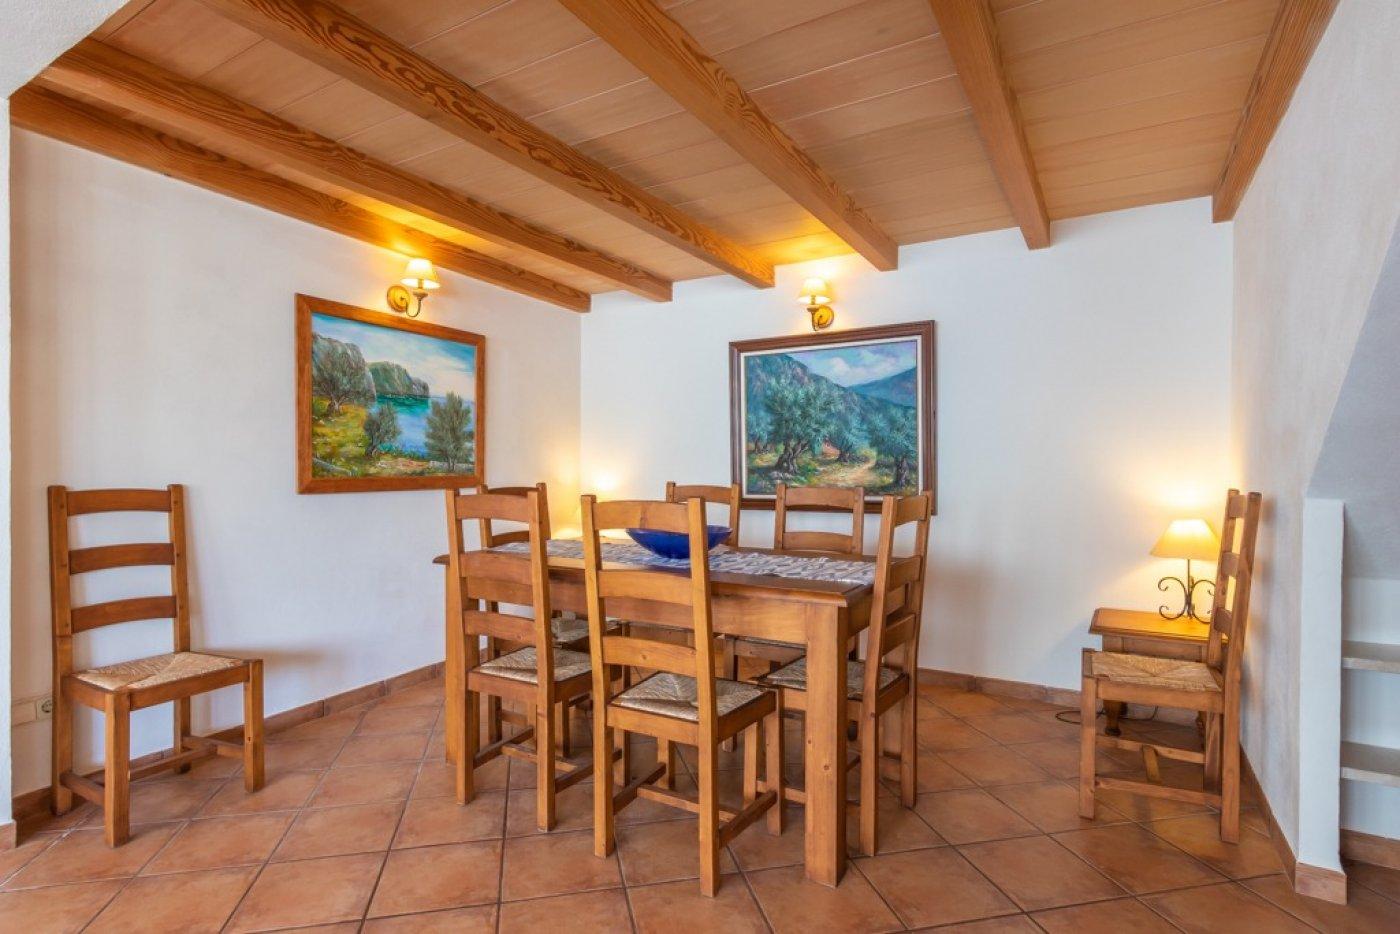 Magnifica villa en ses salines - can somni - ideal inversores turÍsticos - imagenInmueble17